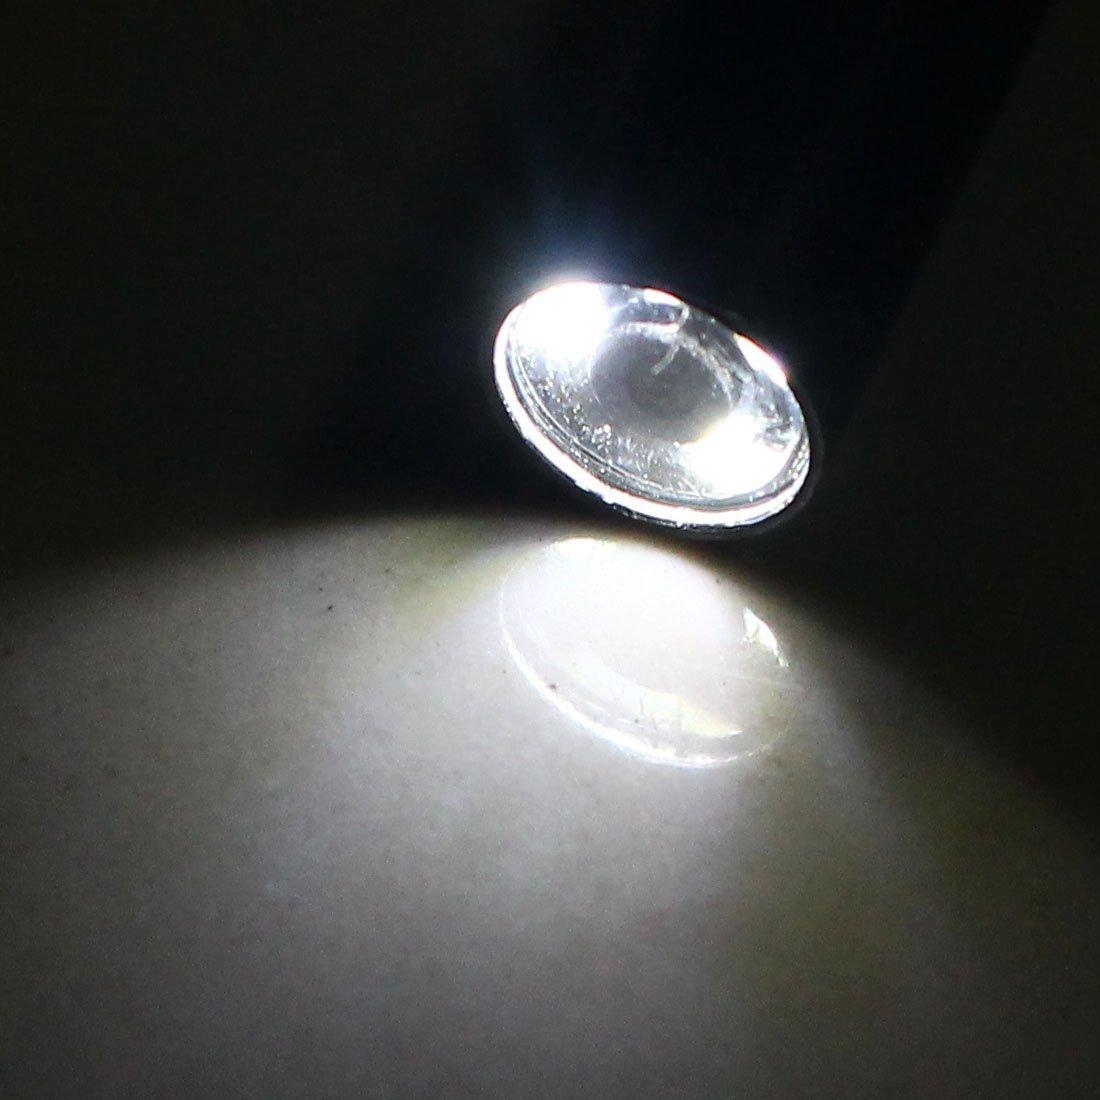 Amazon.com: eDealMax 10mm x 38mm cámara USB endoscopio Inicio impermeable inspección de la serpiente del tubo de vídeo: Electronics